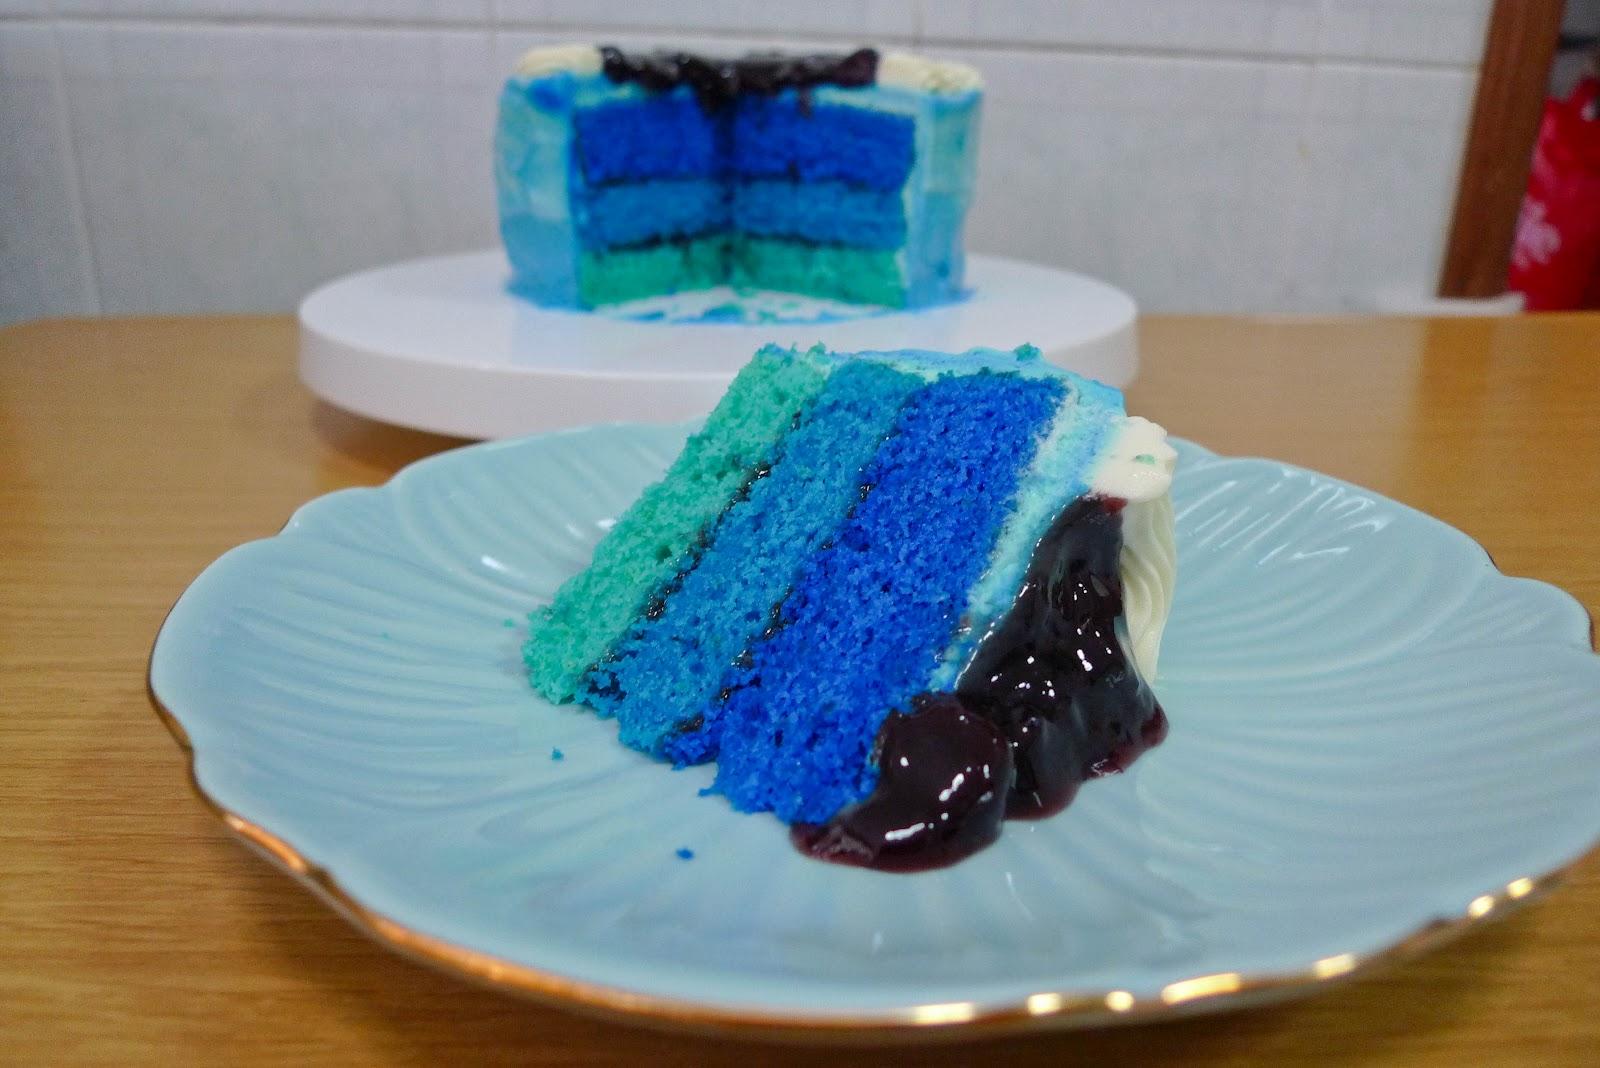 Images Of Blue Velvet Cake : NHK????????????? 102623 ??? - ??????2ch